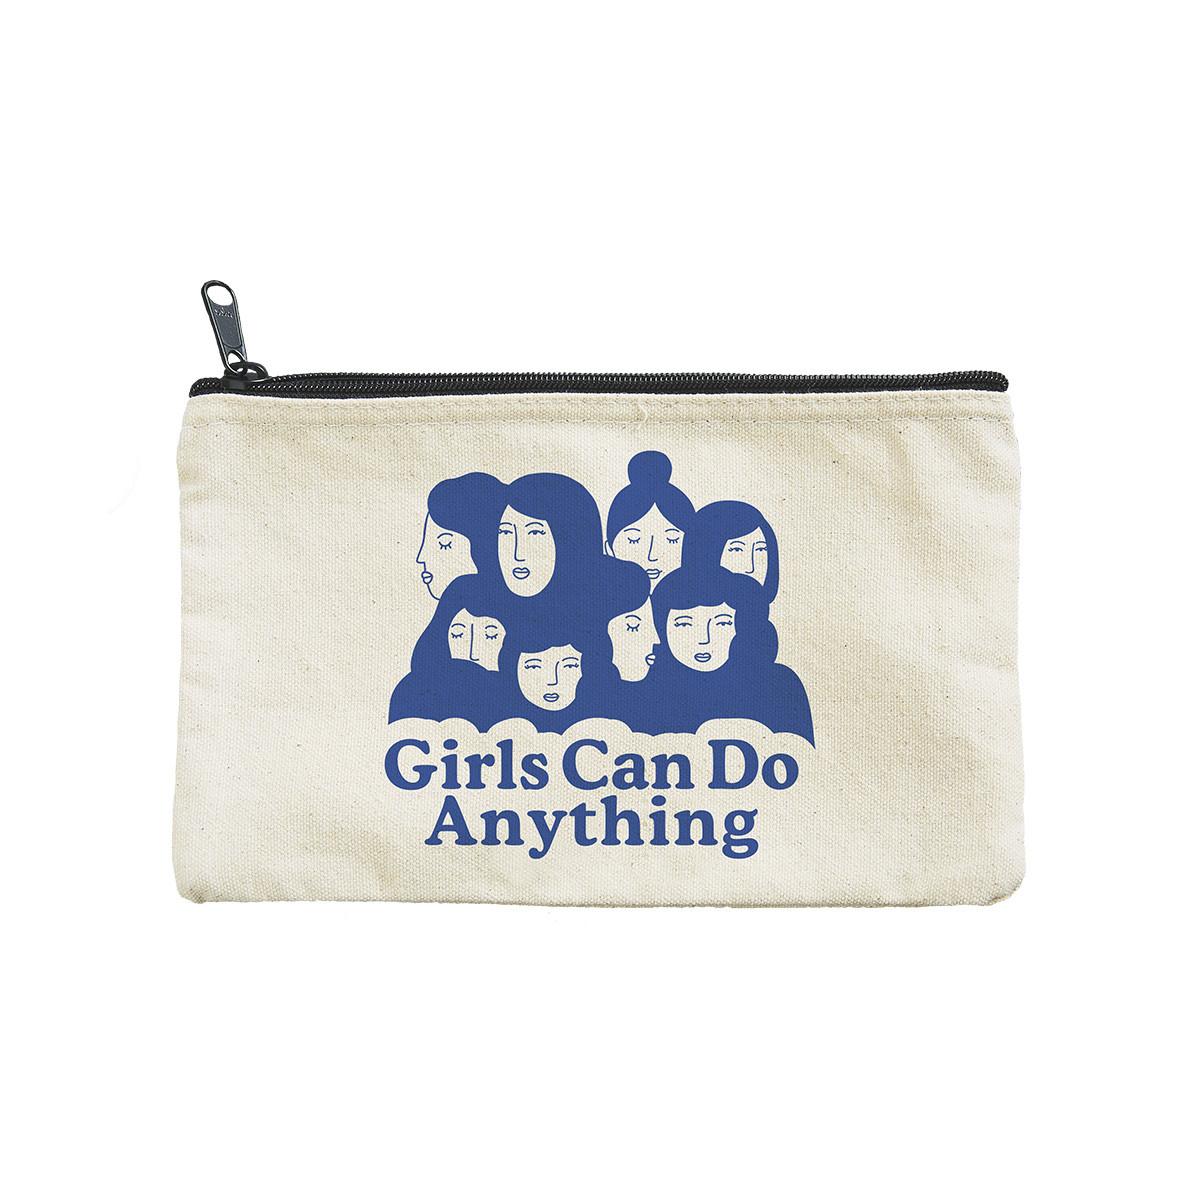 Seltzer Little Jumbo Pouch - Girls Can